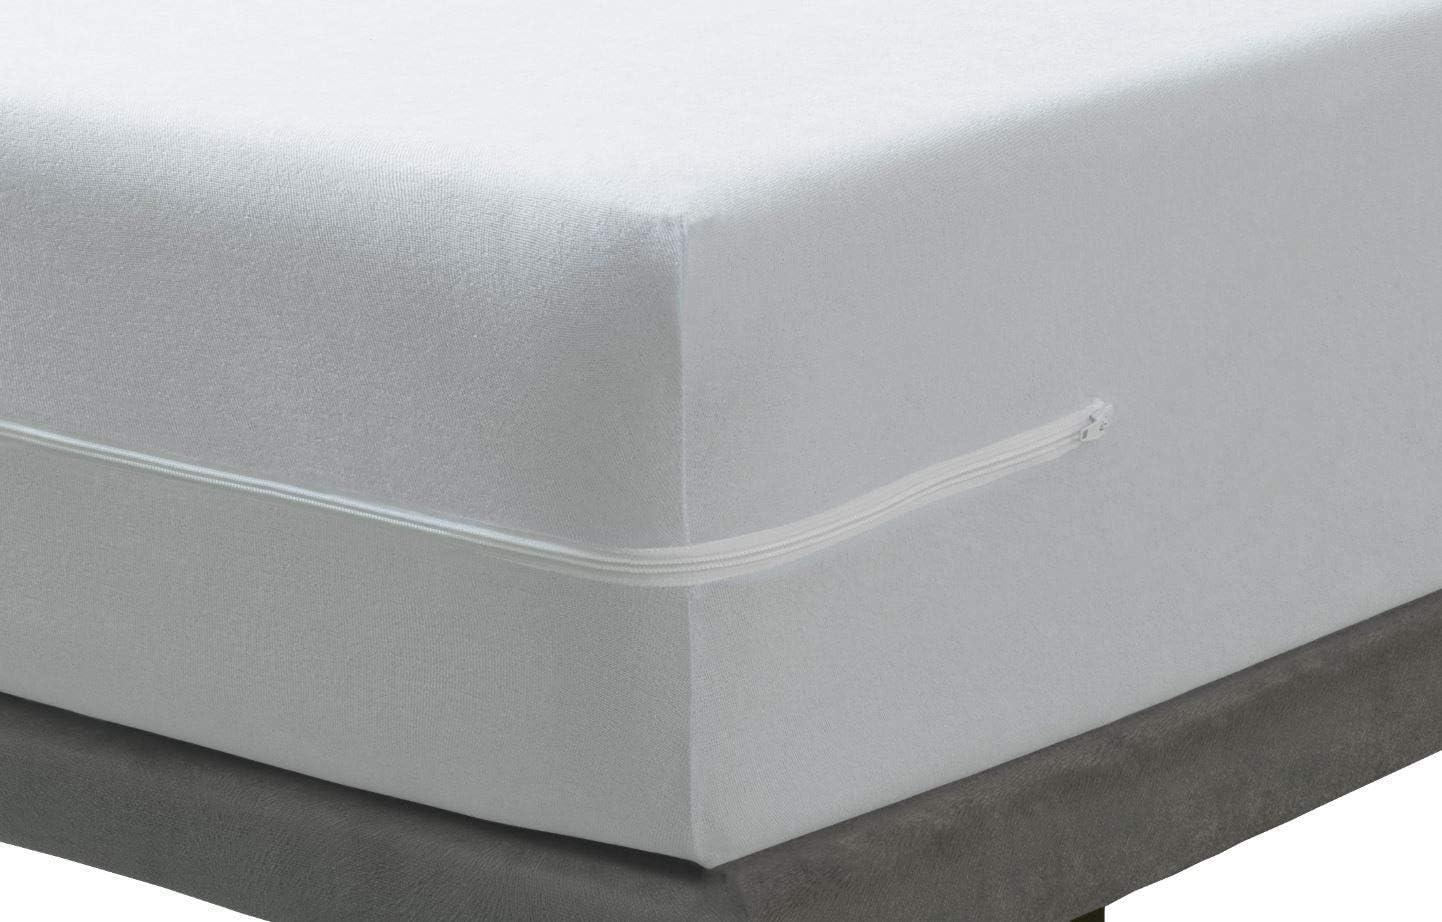 Savel 60 x 120 cm Protecteur//Couvre-Matelas Ajustable avec Fermeture /éclair Tissu r/ésistant en Coton Housse de Matelas /élastique et Respirante Hauteurs de Matelas allant jusqu/à 15 cm